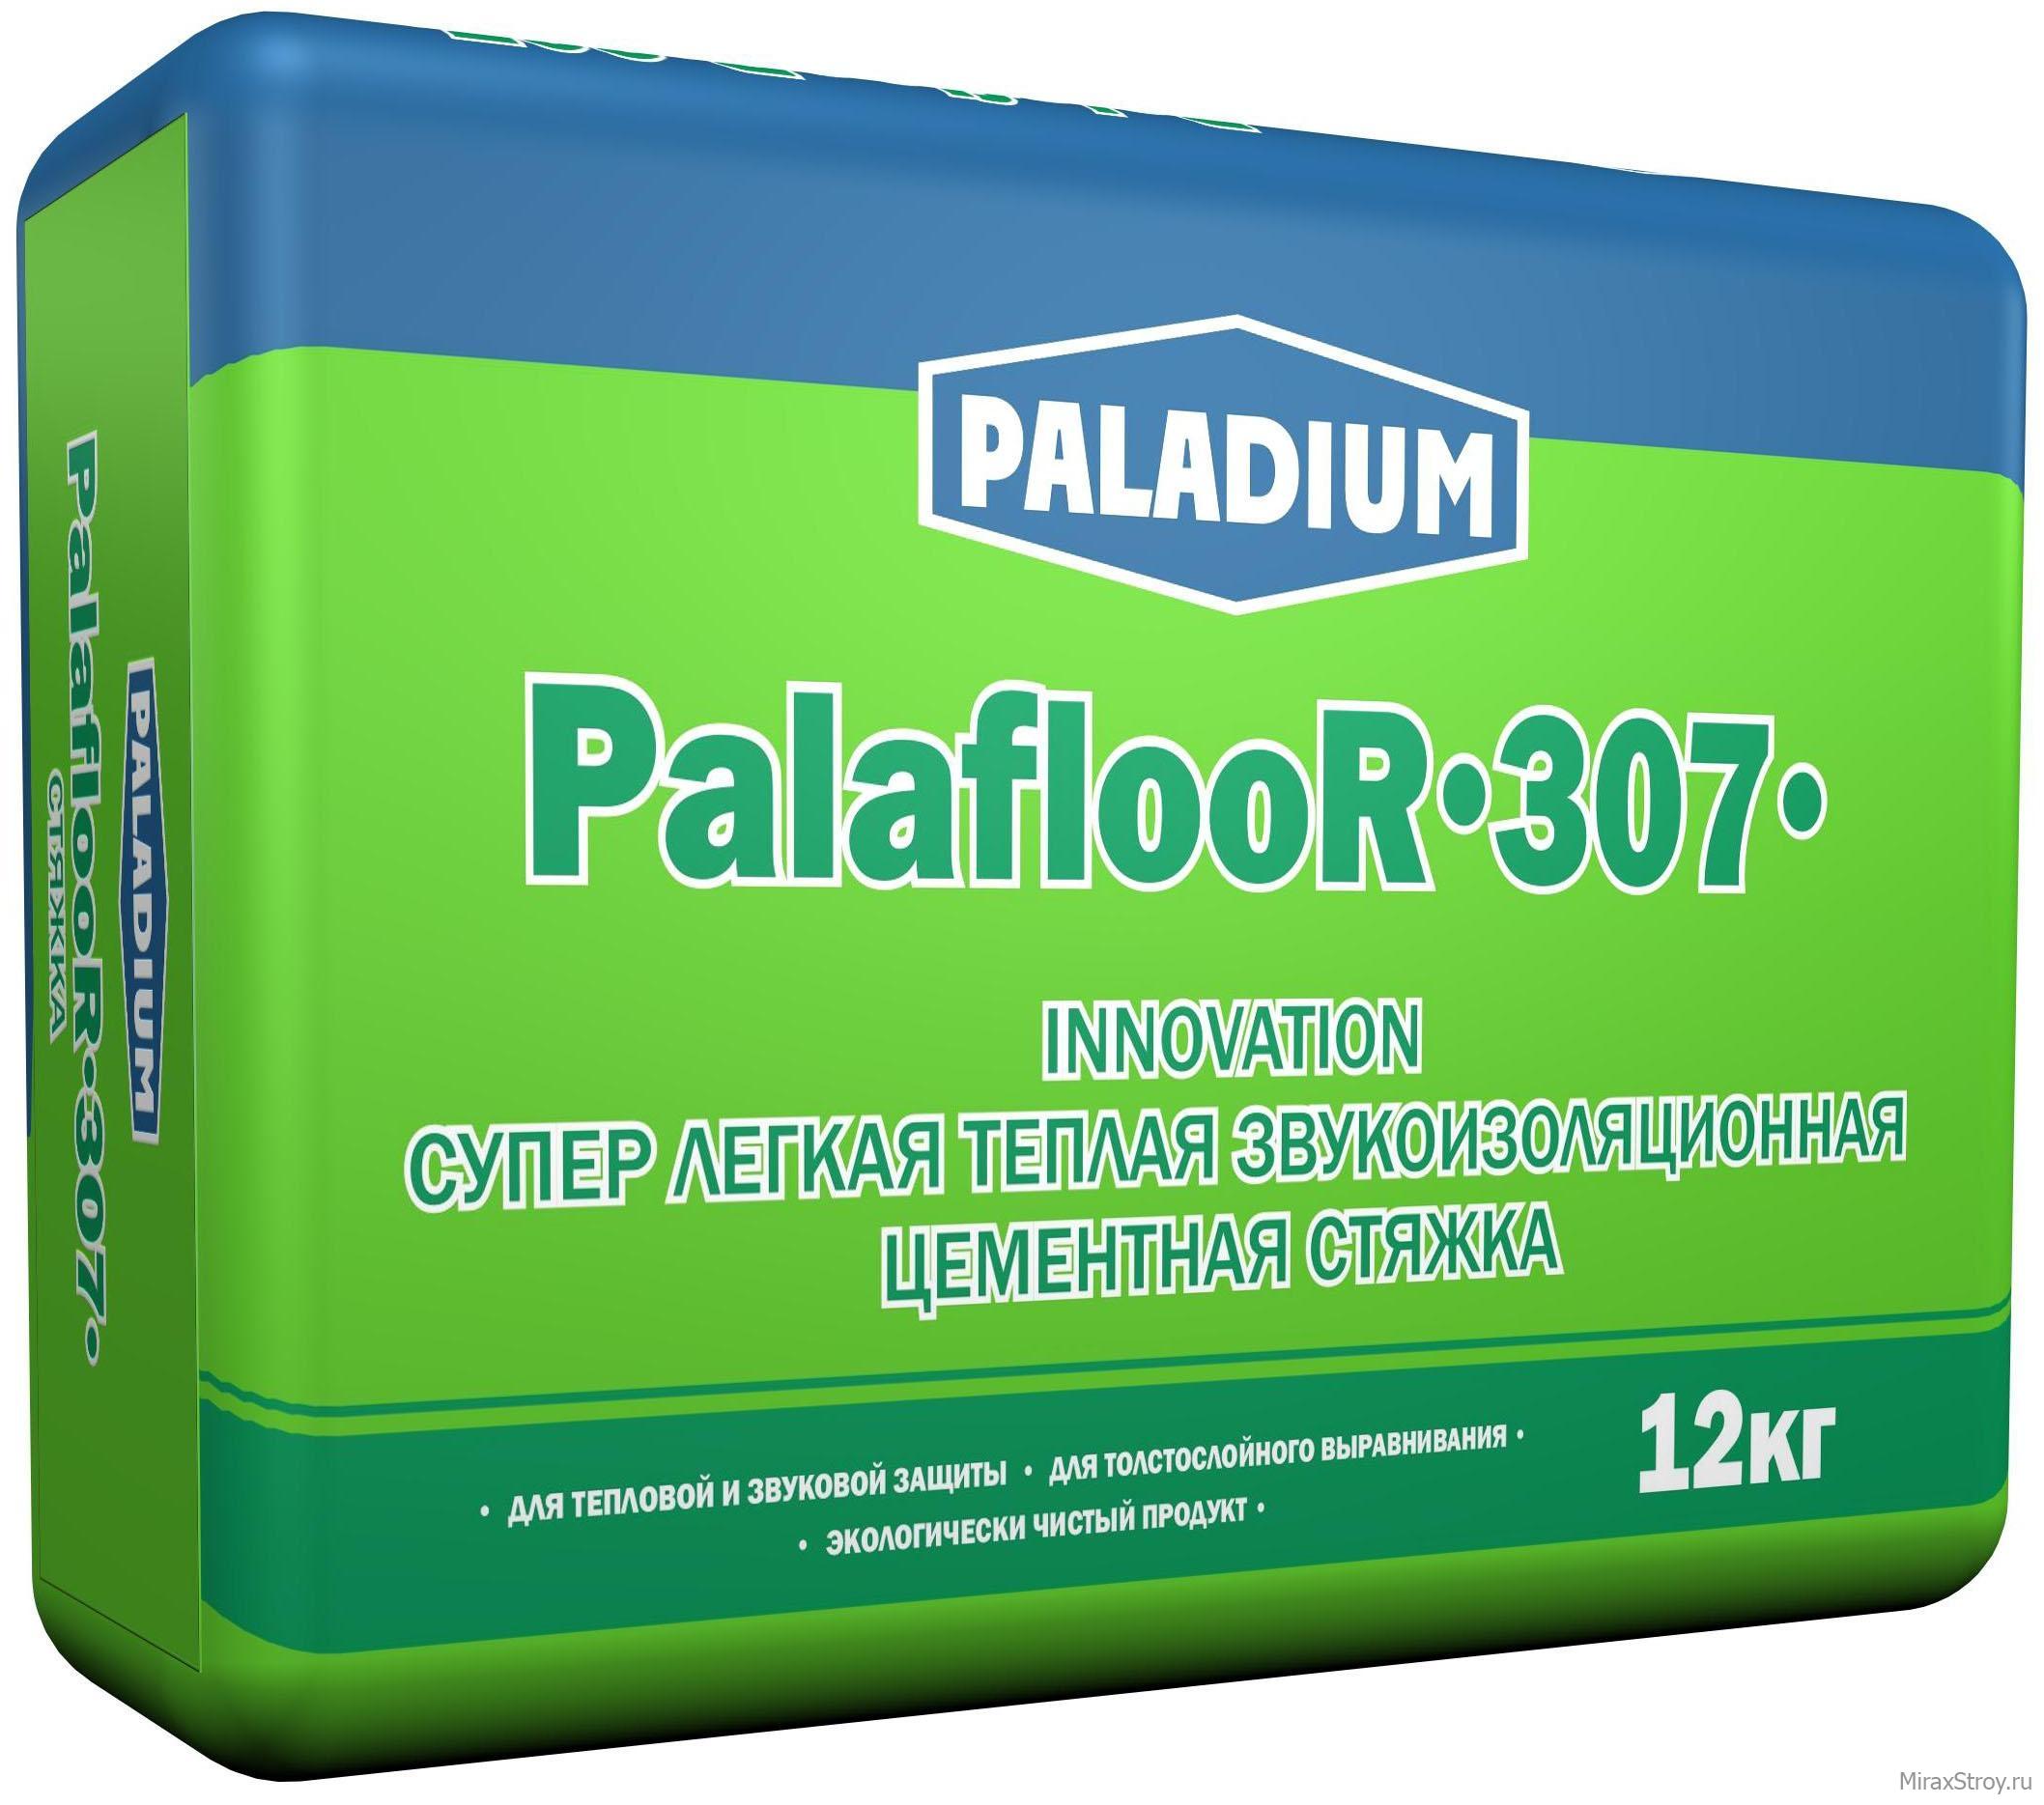 Купить Стяжка пола теплоизоляционная Paladium Palafloor-307, 12 кг — Фото №1